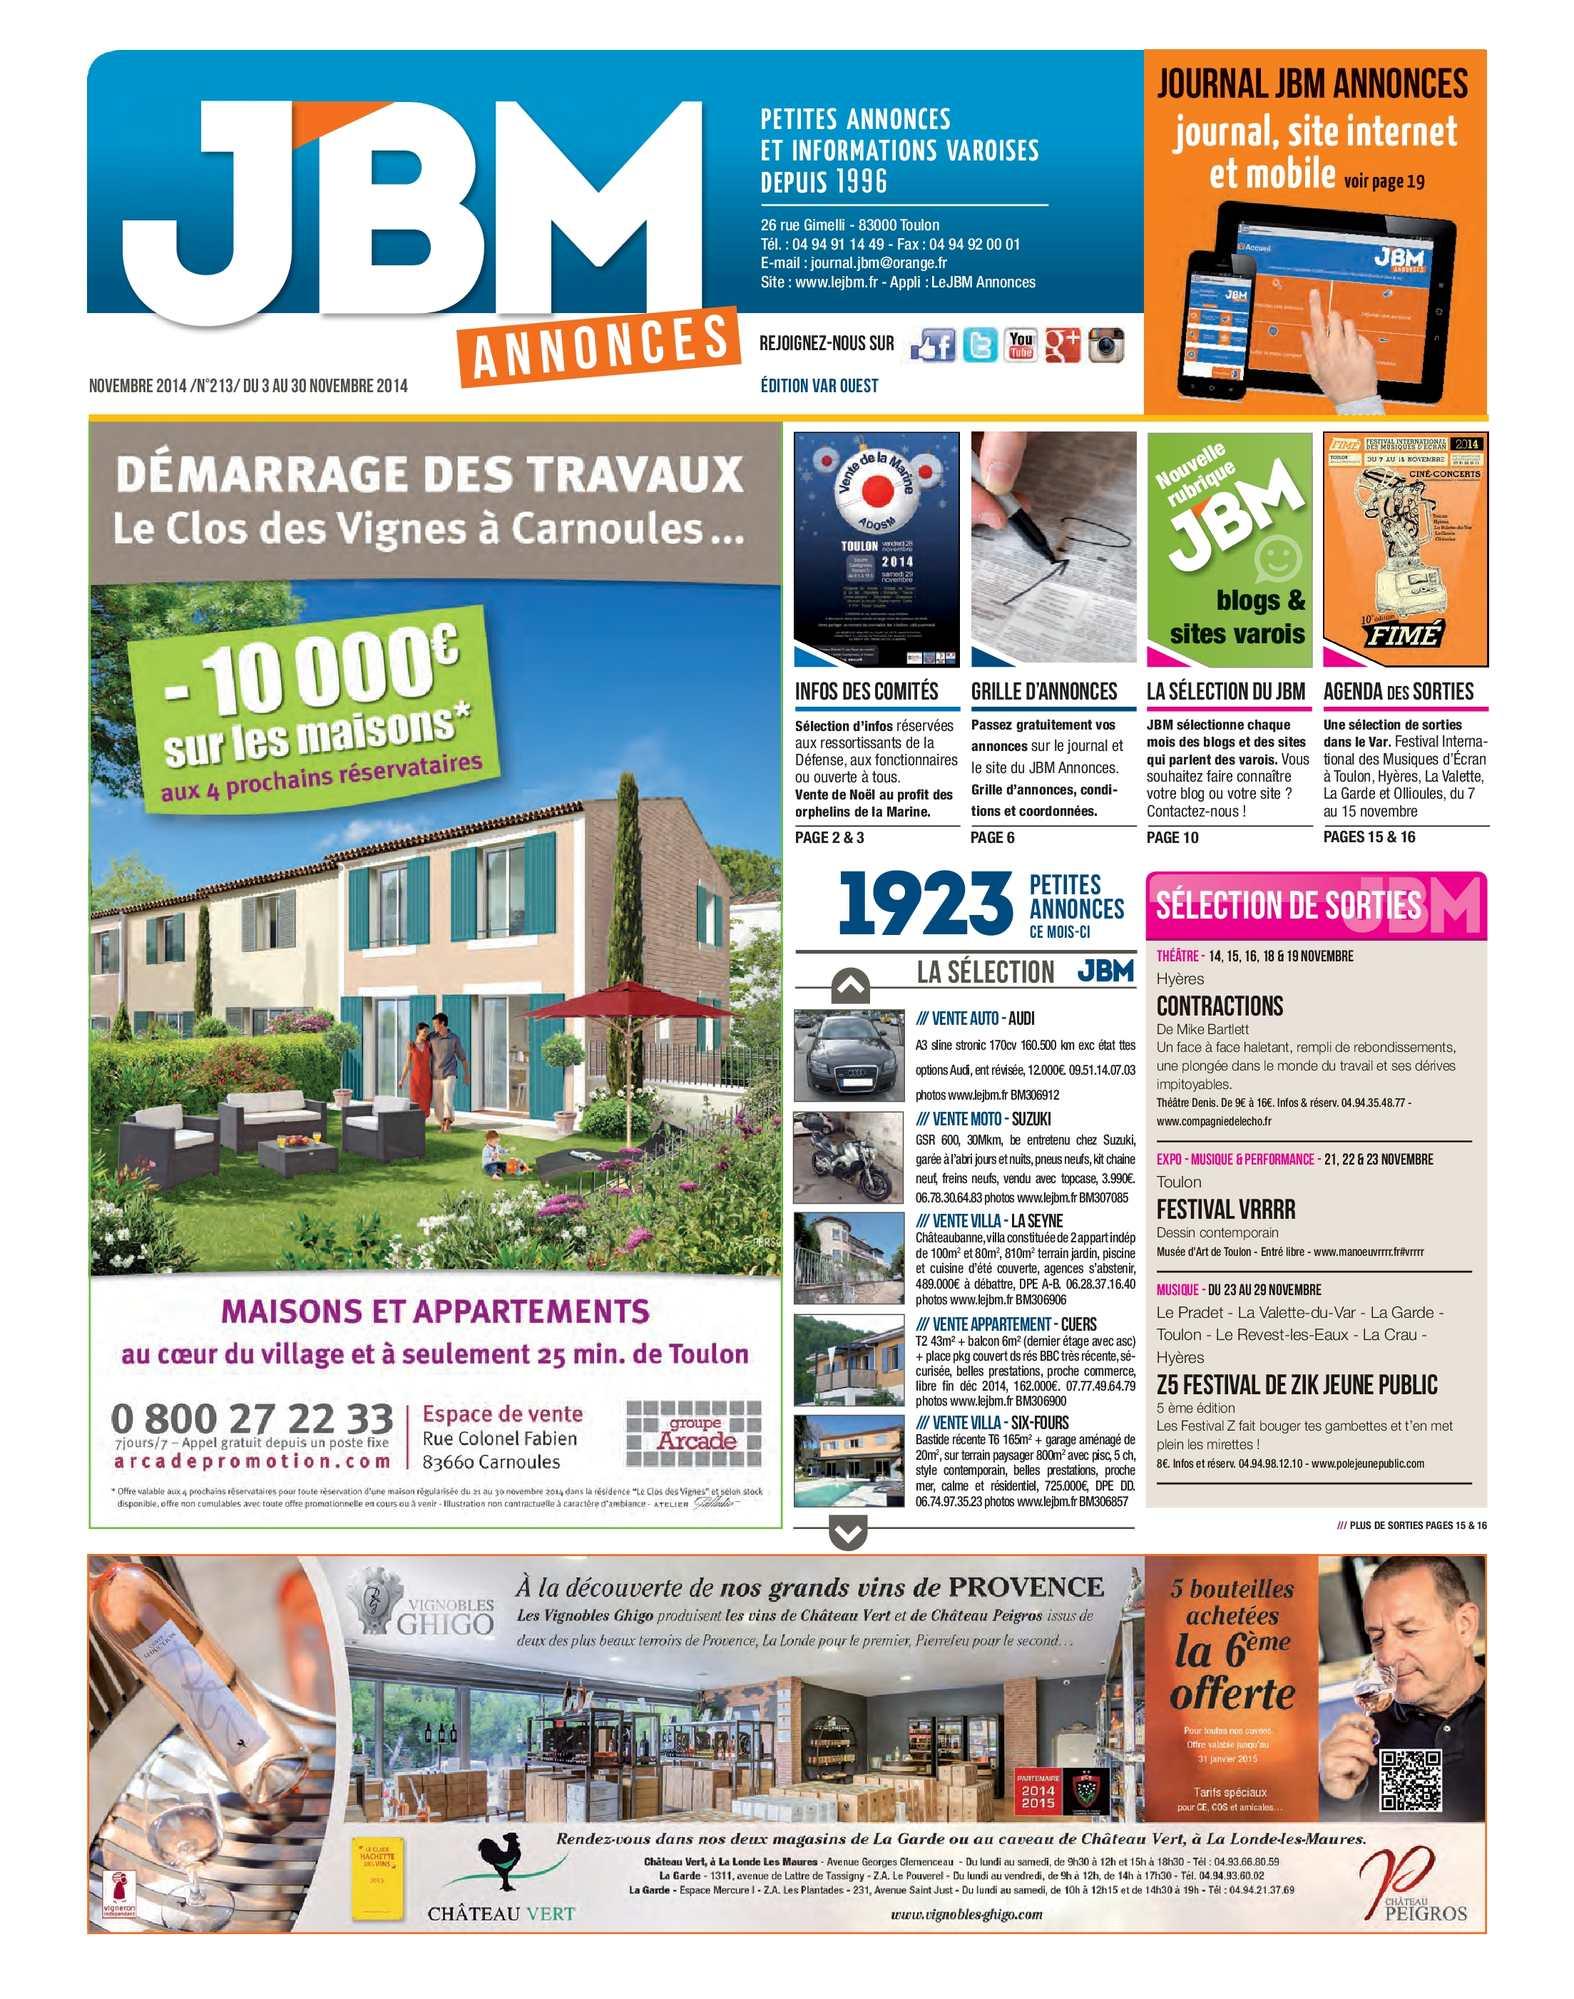 1 Paire Miroir Blackline Suzuki GSR 600 NEW article neuf neuf dans sa boîte M ABE